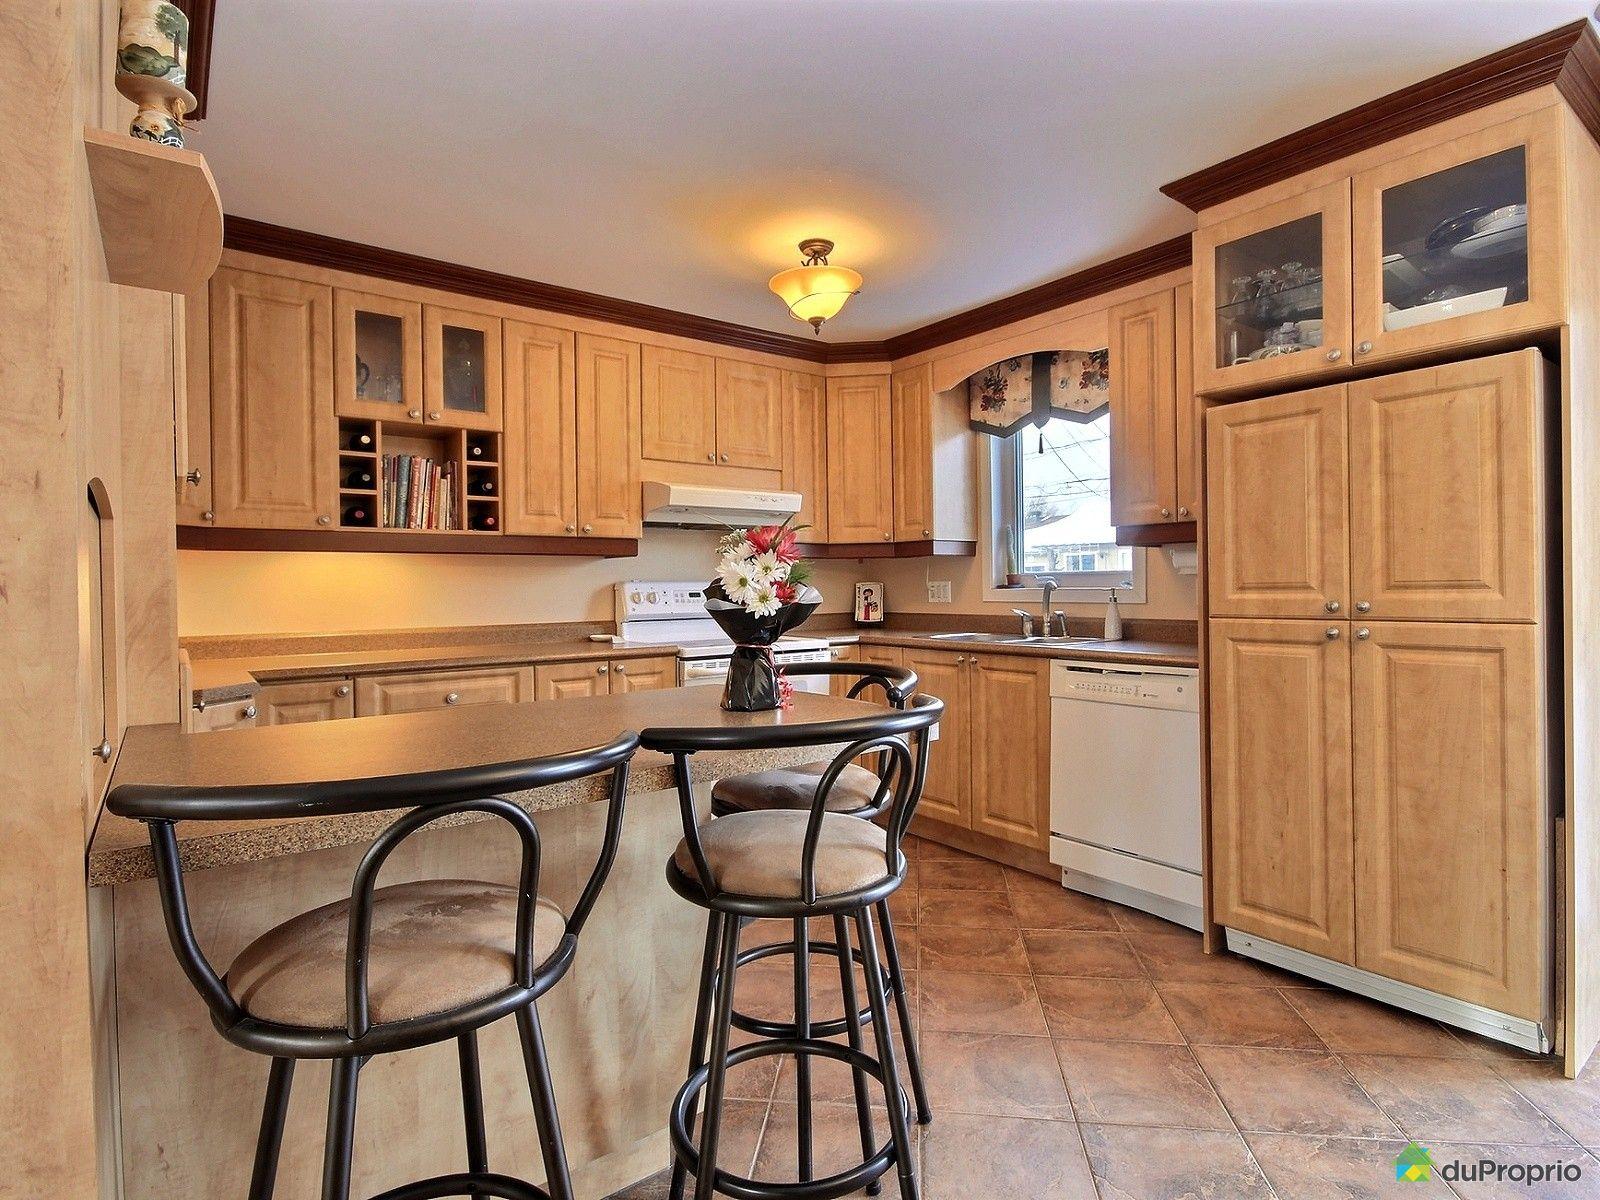 maison vendu st tienne de lauzon immobilier qu bec duproprio 687004. Black Bedroom Furniture Sets. Home Design Ideas